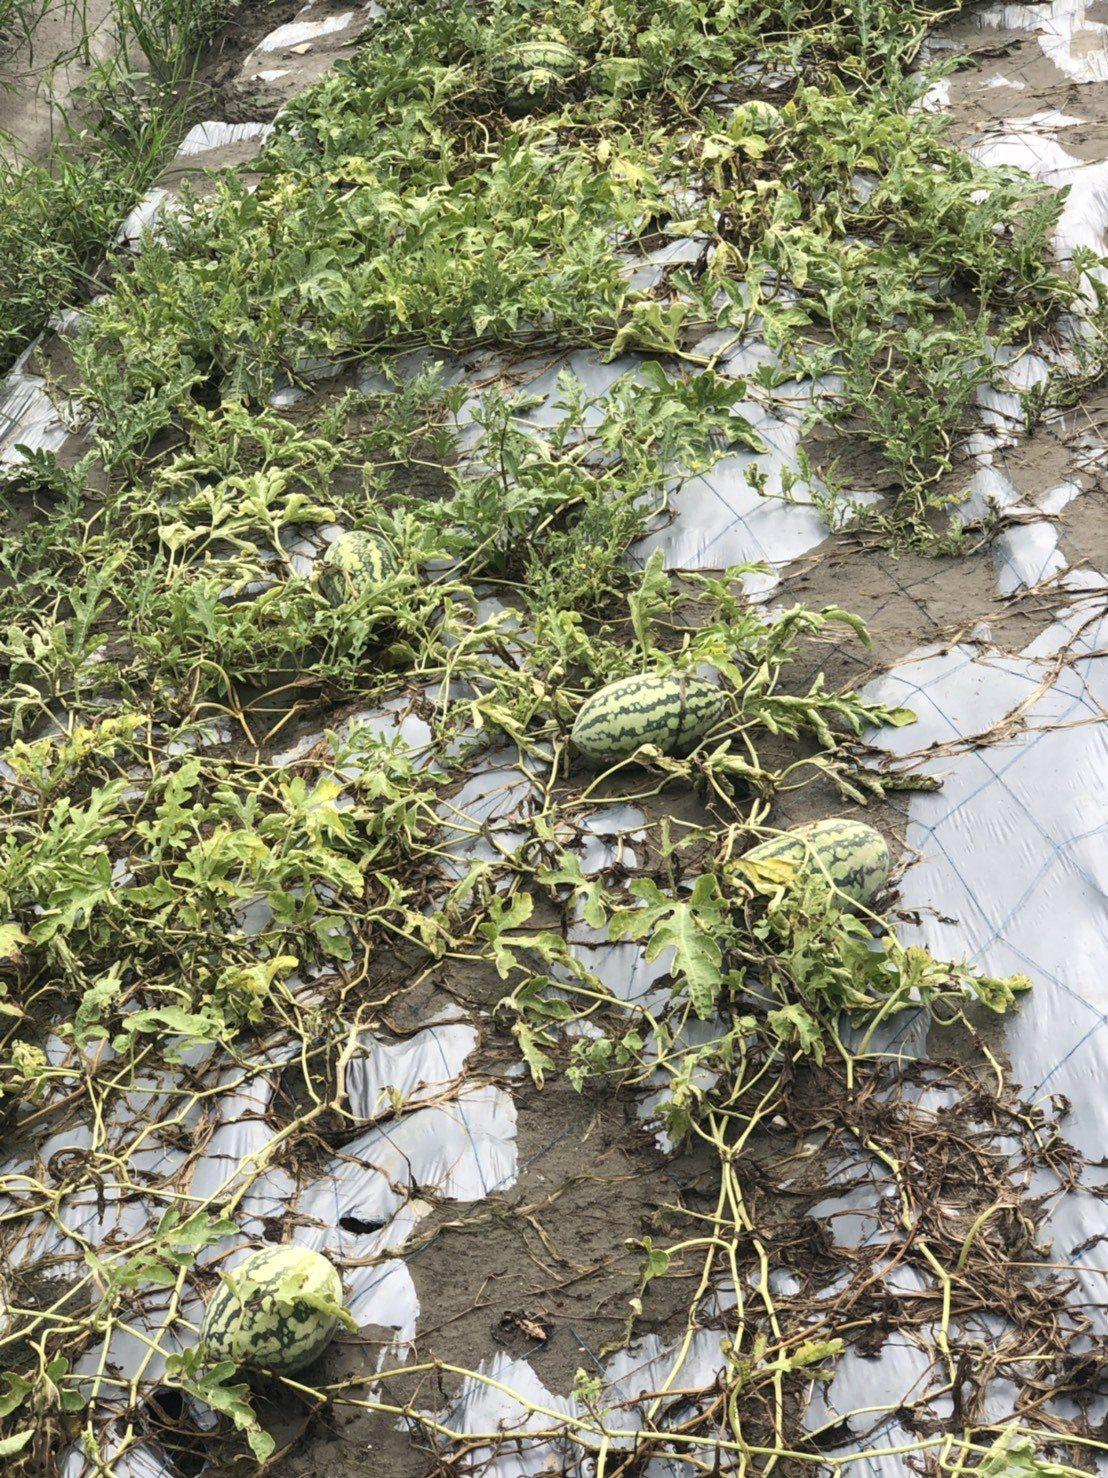 一夜大雨,和美鎮農民種的西瓜泡在水中。圖/賴清美提供